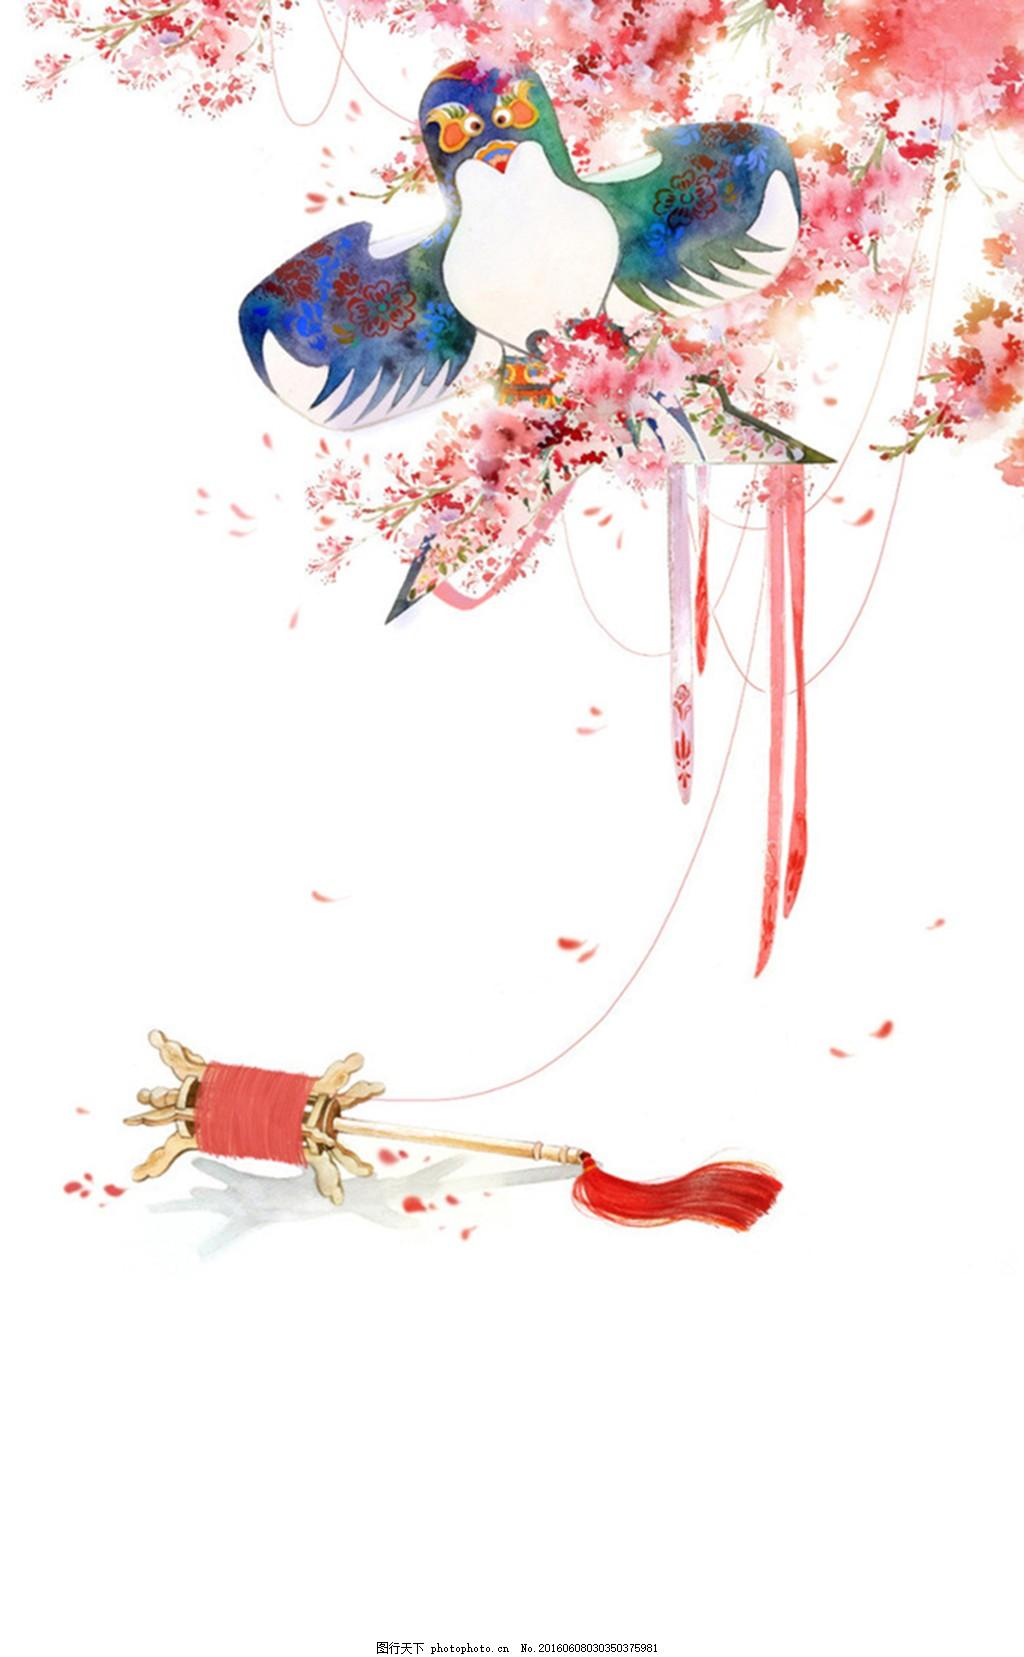 手绘风筝插画